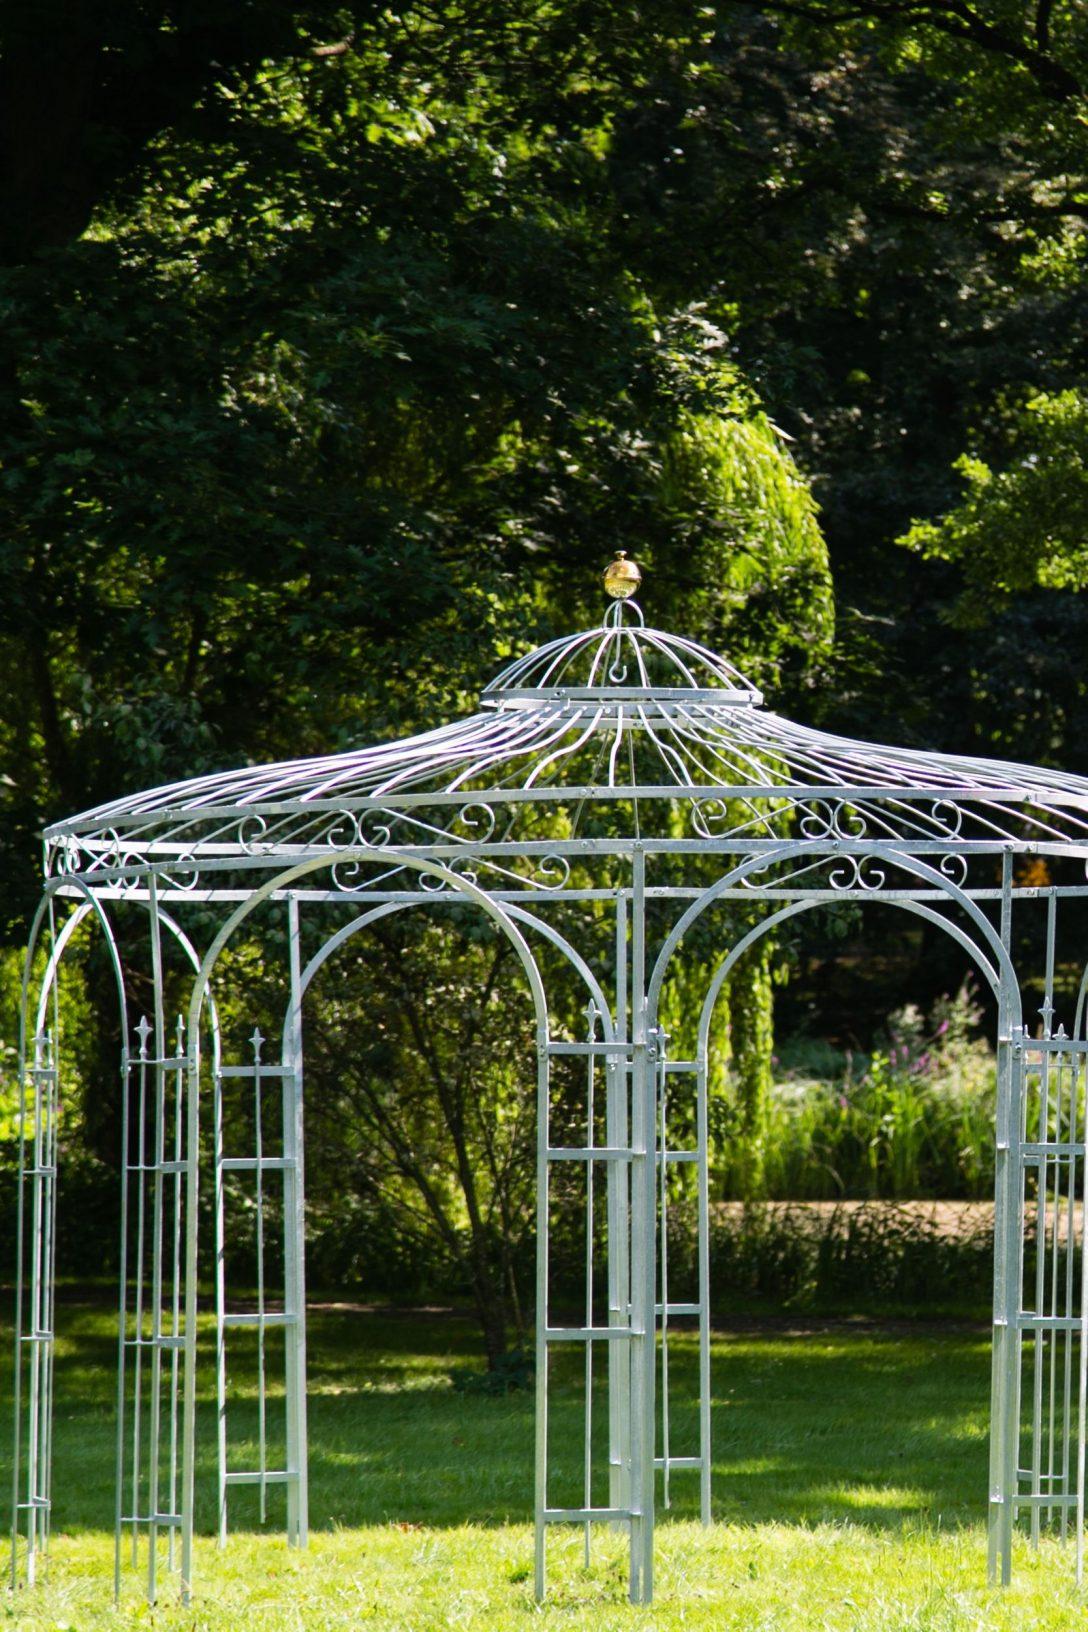 Large Size of Garten Pavillion Rund Metall Gartenpavillon Aus Holz Pavillon Kaufen Luxus Glas 3x3 Wetterfest Baugenehmigung Zelt Pavilion Verzinkt 350cm Eleganz Liege Garten Garten Pavillion